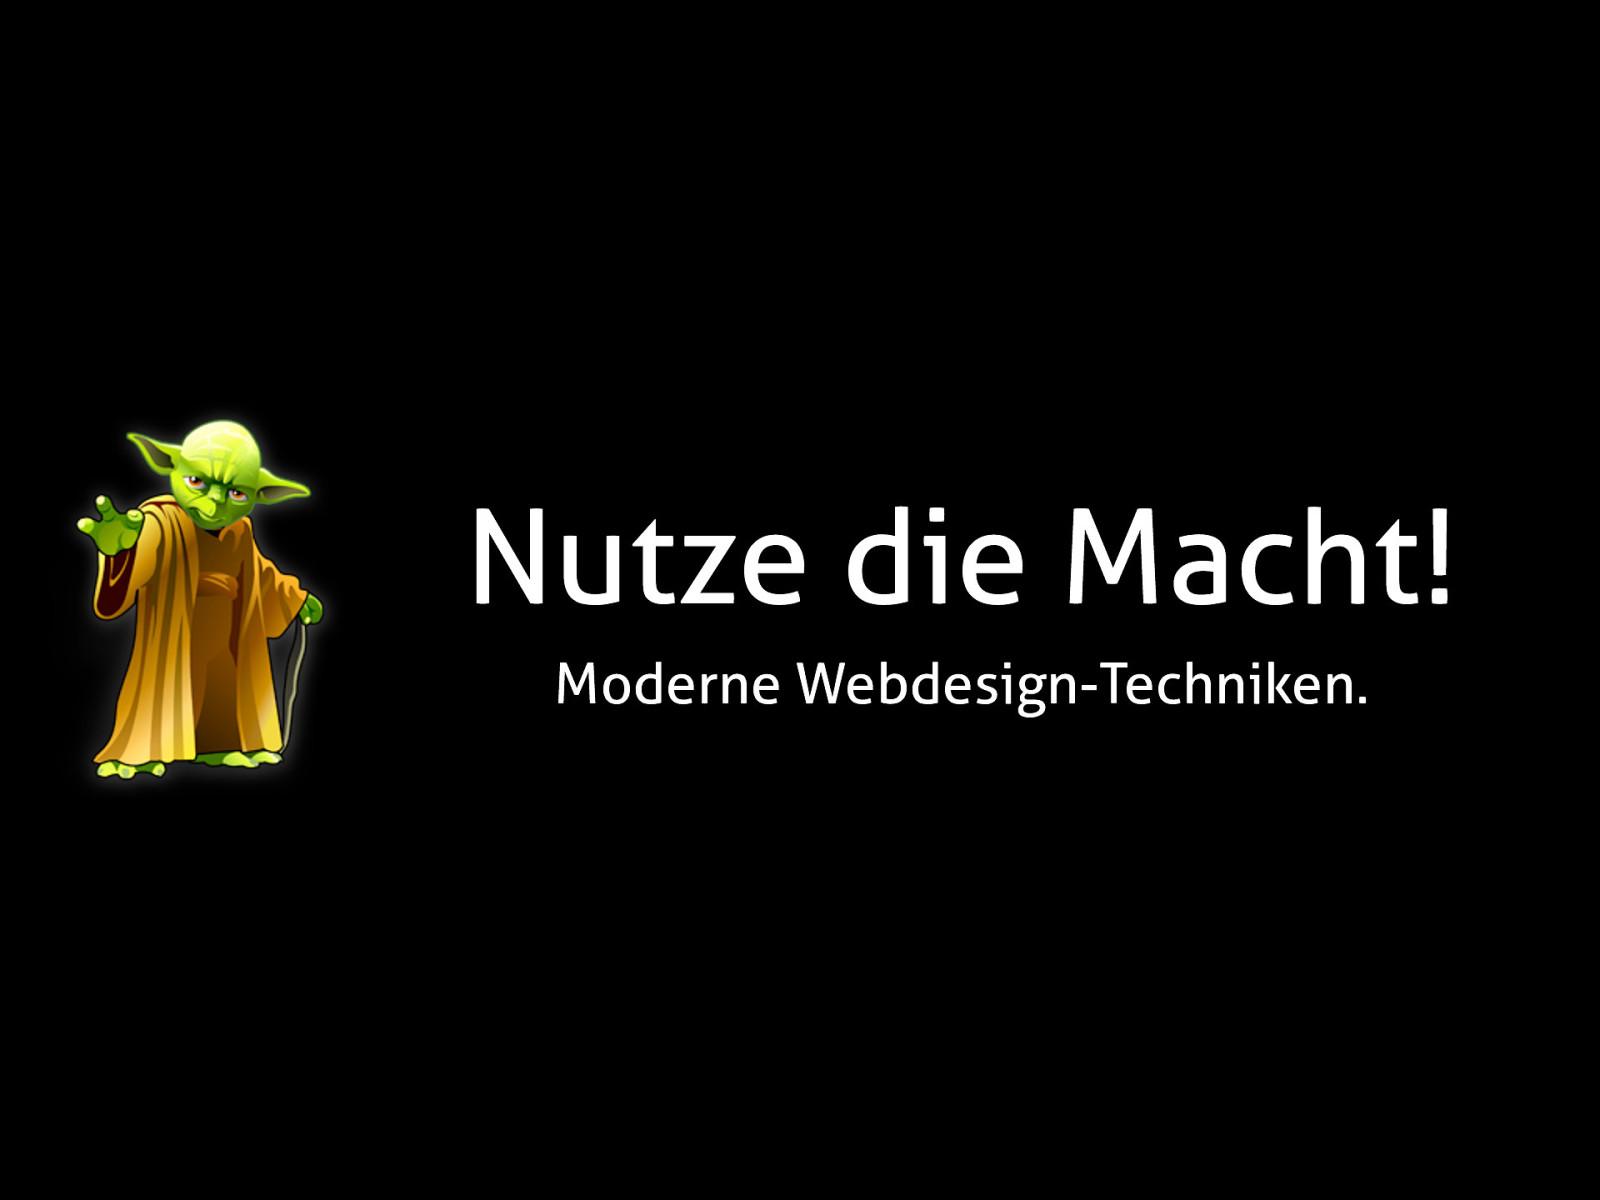 Nutze die Macht! – Moderne Webdesign-Techniken.